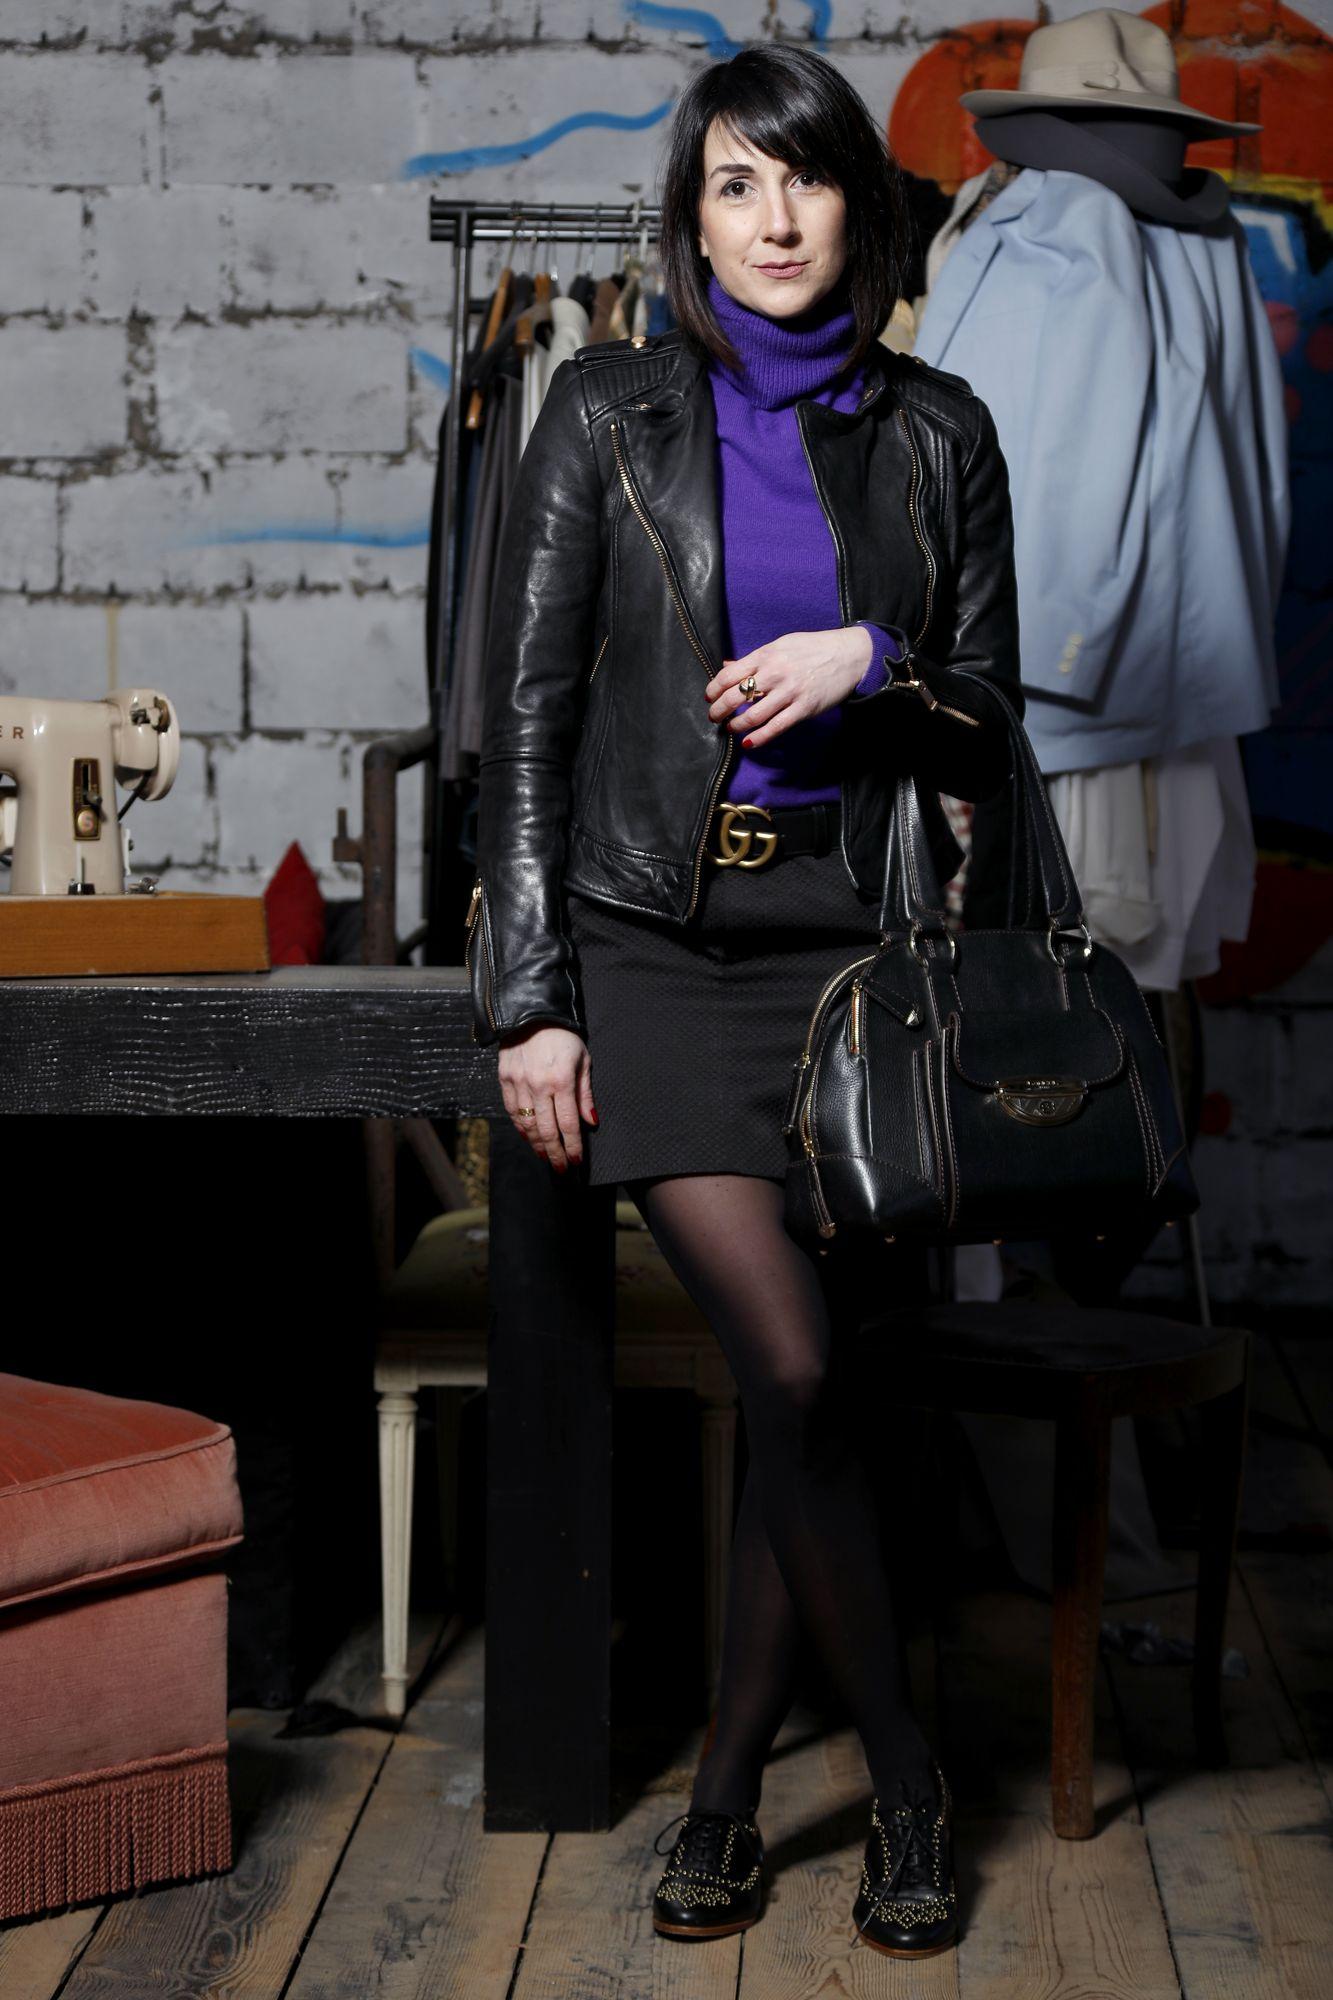 comment porter la mini-jupe en hiver